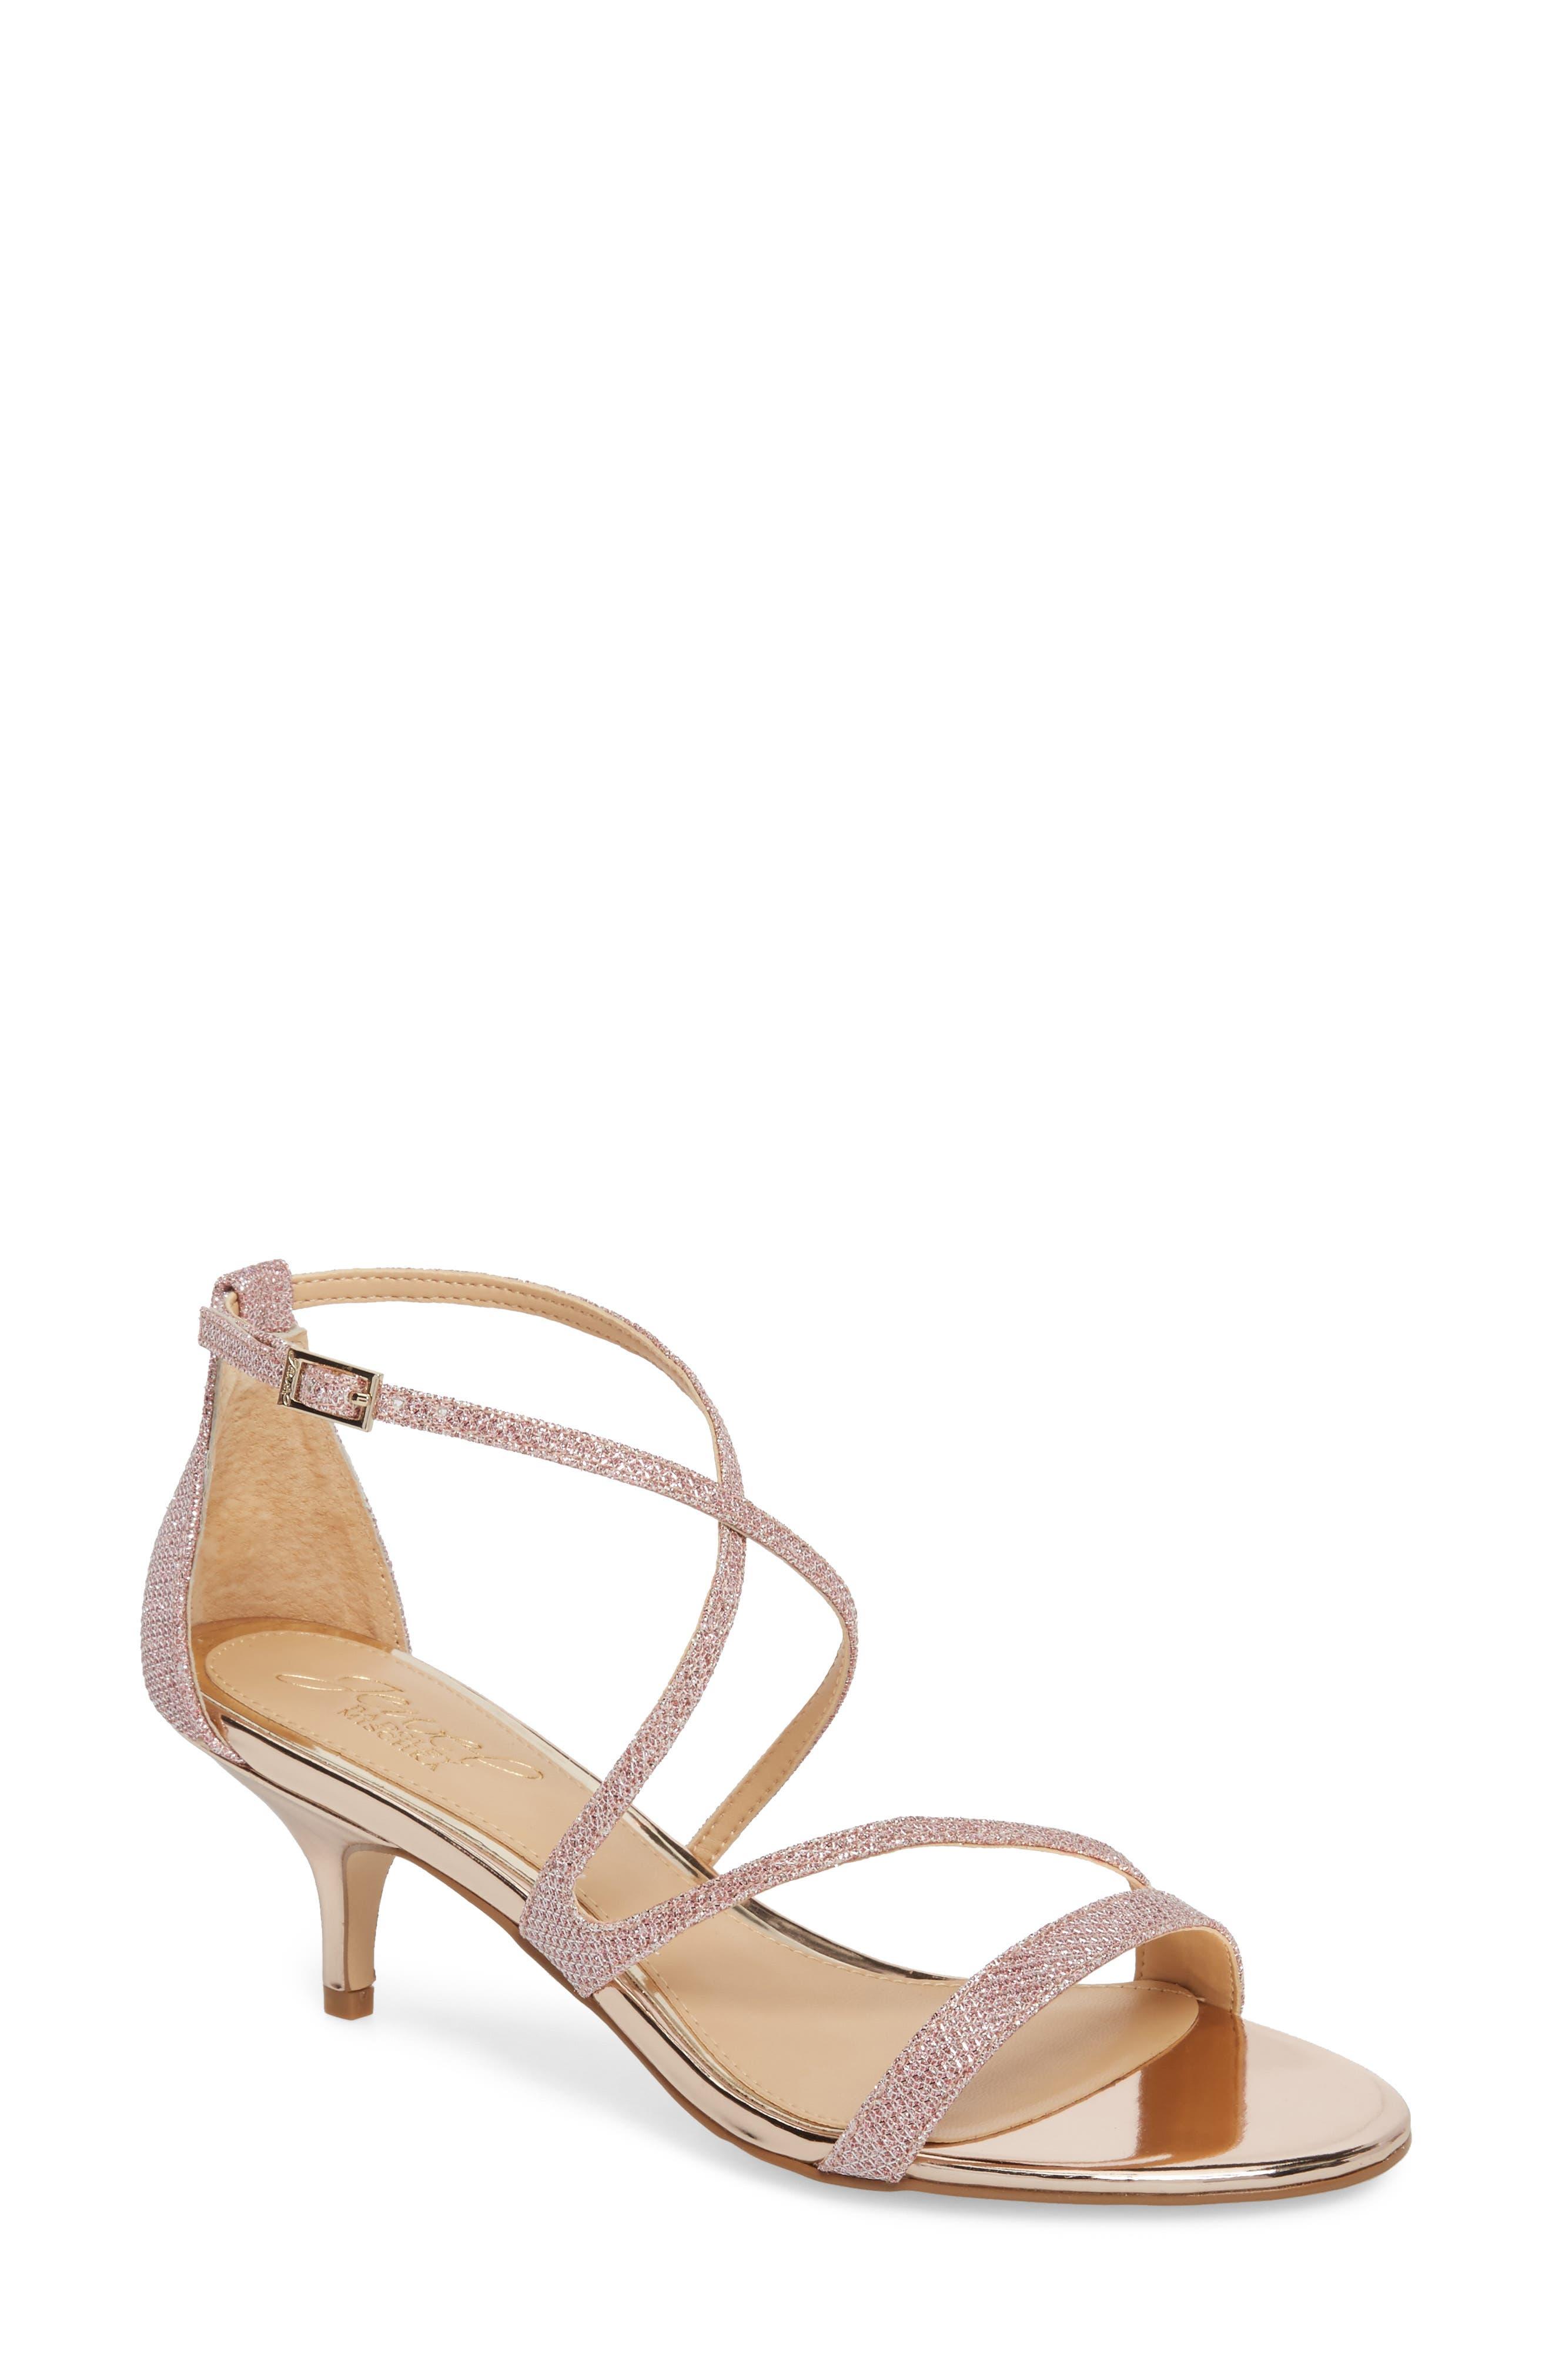 Gal Glitter Kitten Heel Sandal,                         Main,                         color, Rose Gold Glitter Fabric